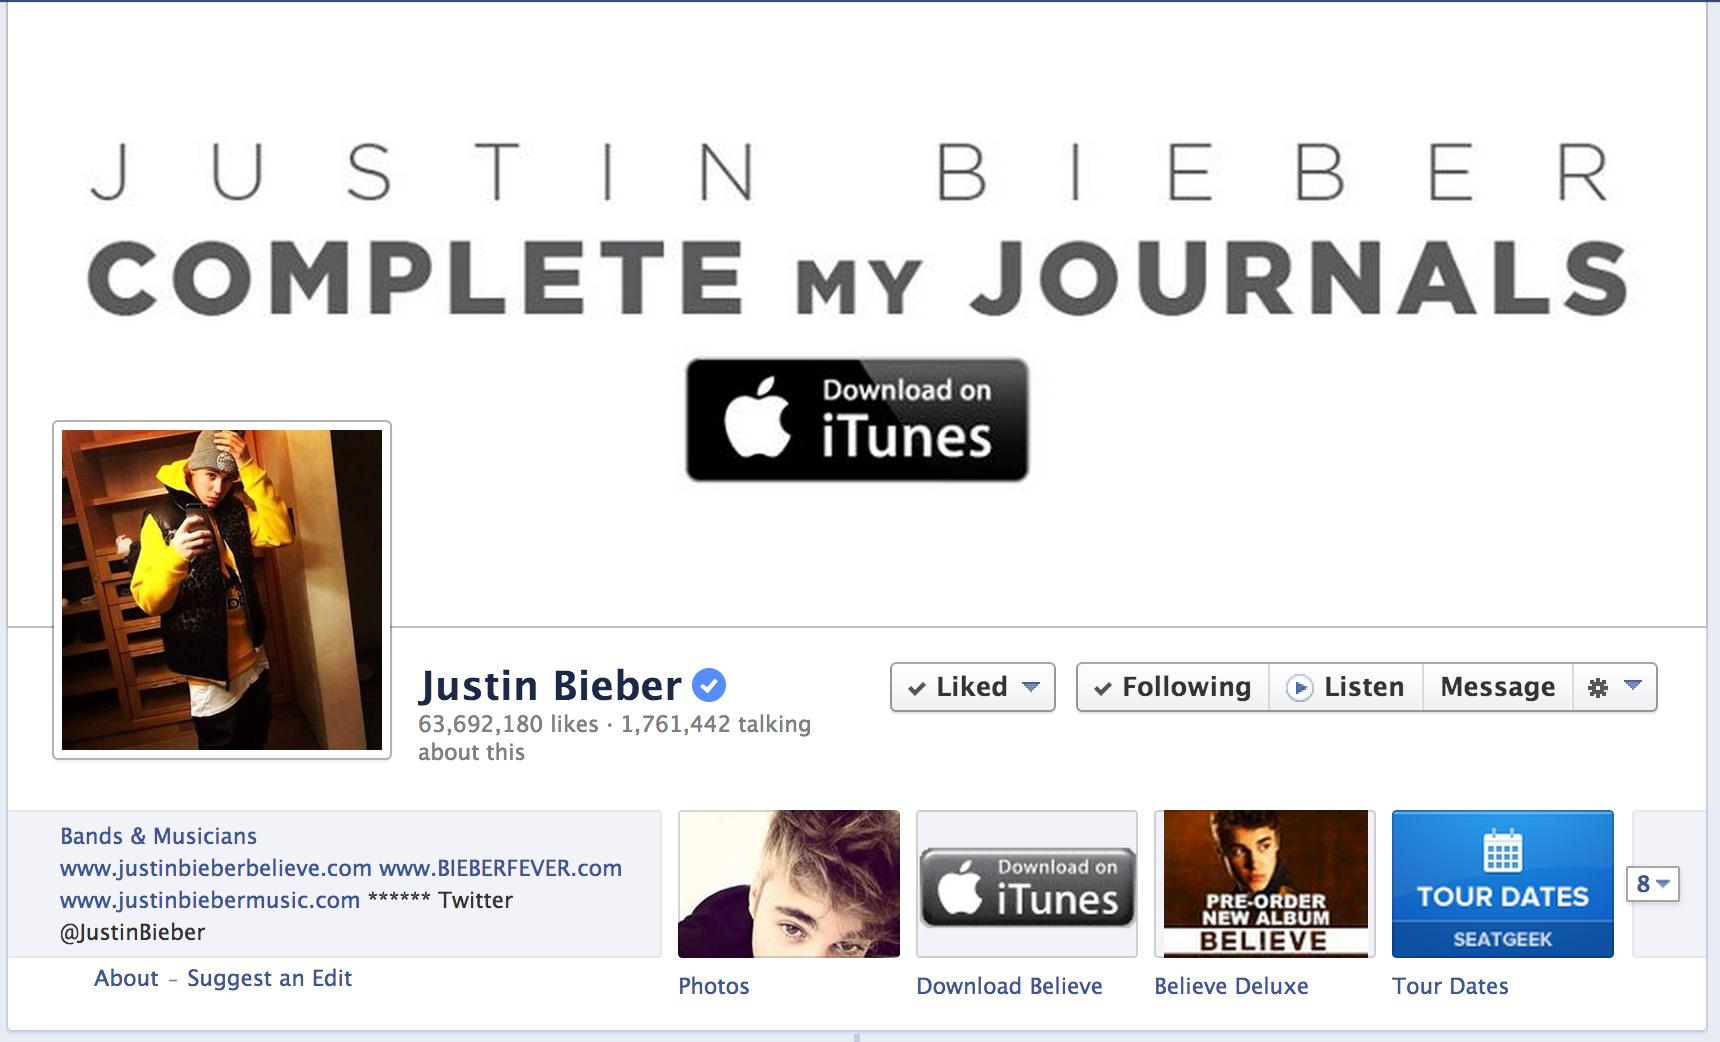 Justin Bieber on Facebook